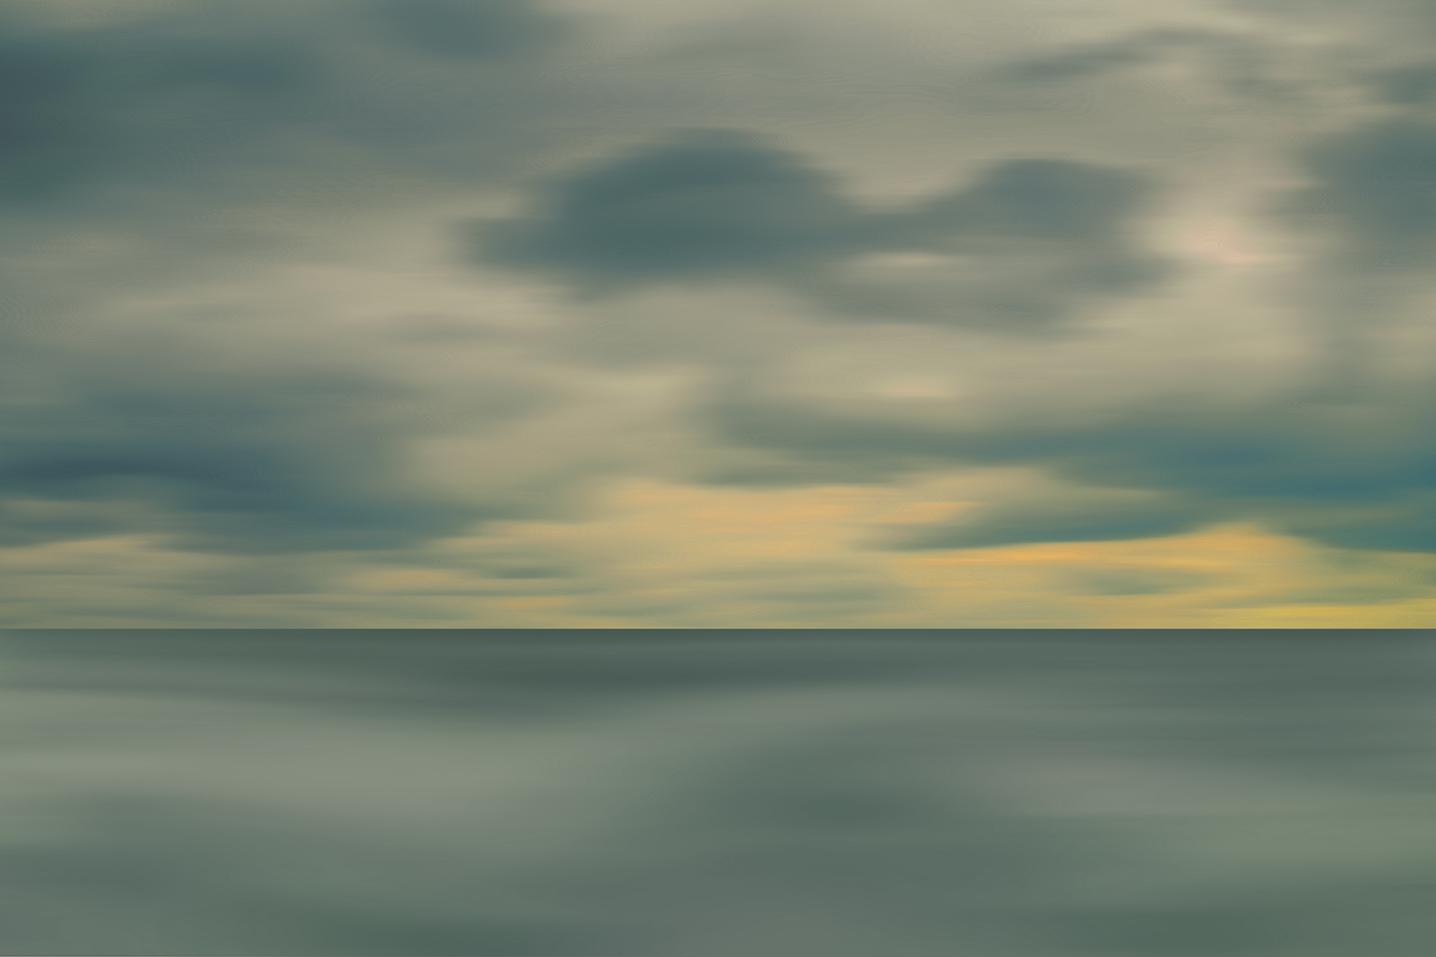 WolkenMeer_IV_www